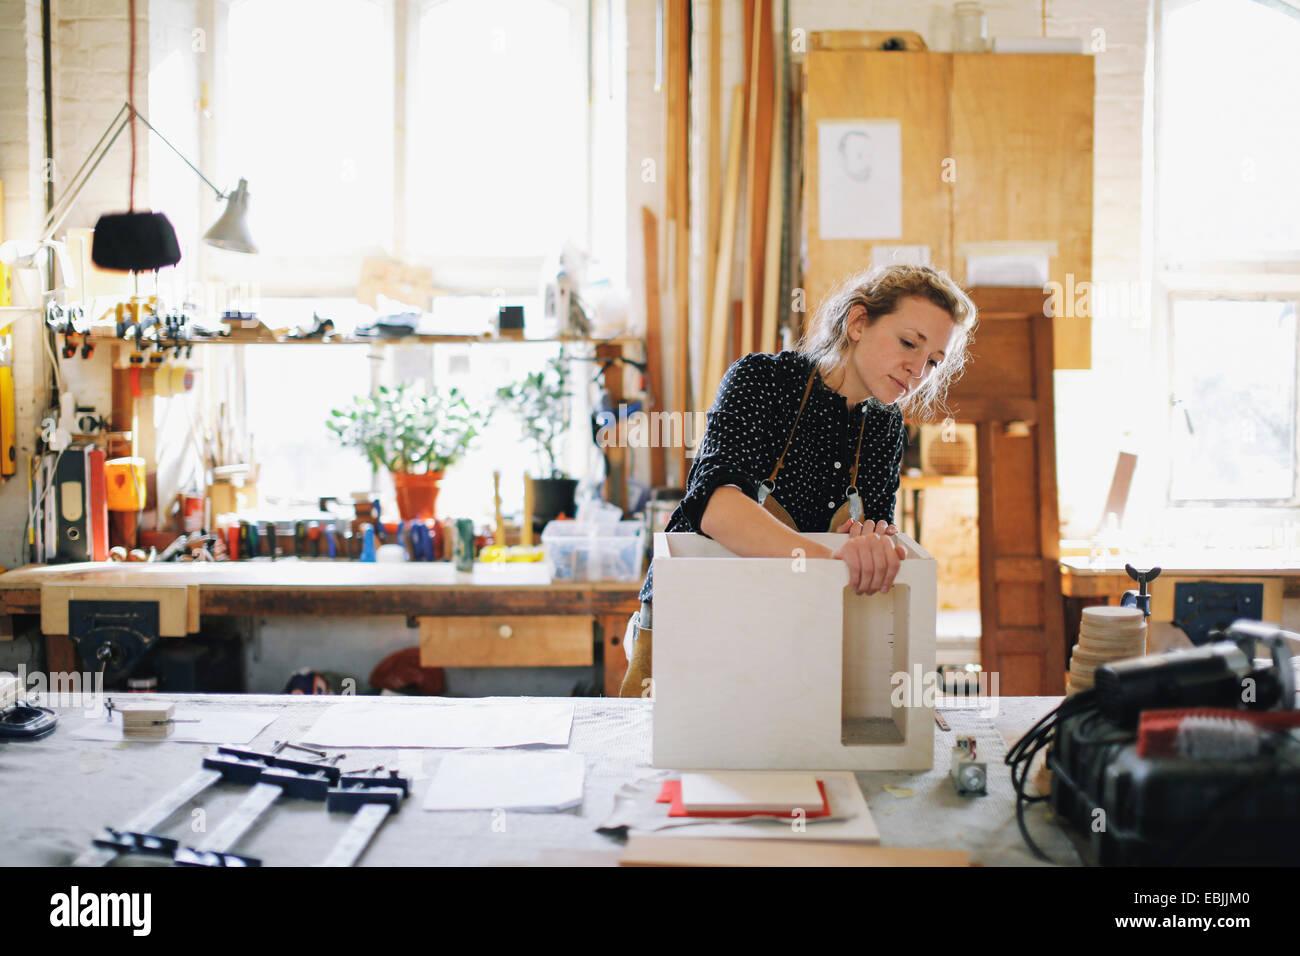 Junge Handwerkerin Komponente in Pfeifenorgel Werkstatt überprüfen Stockbild